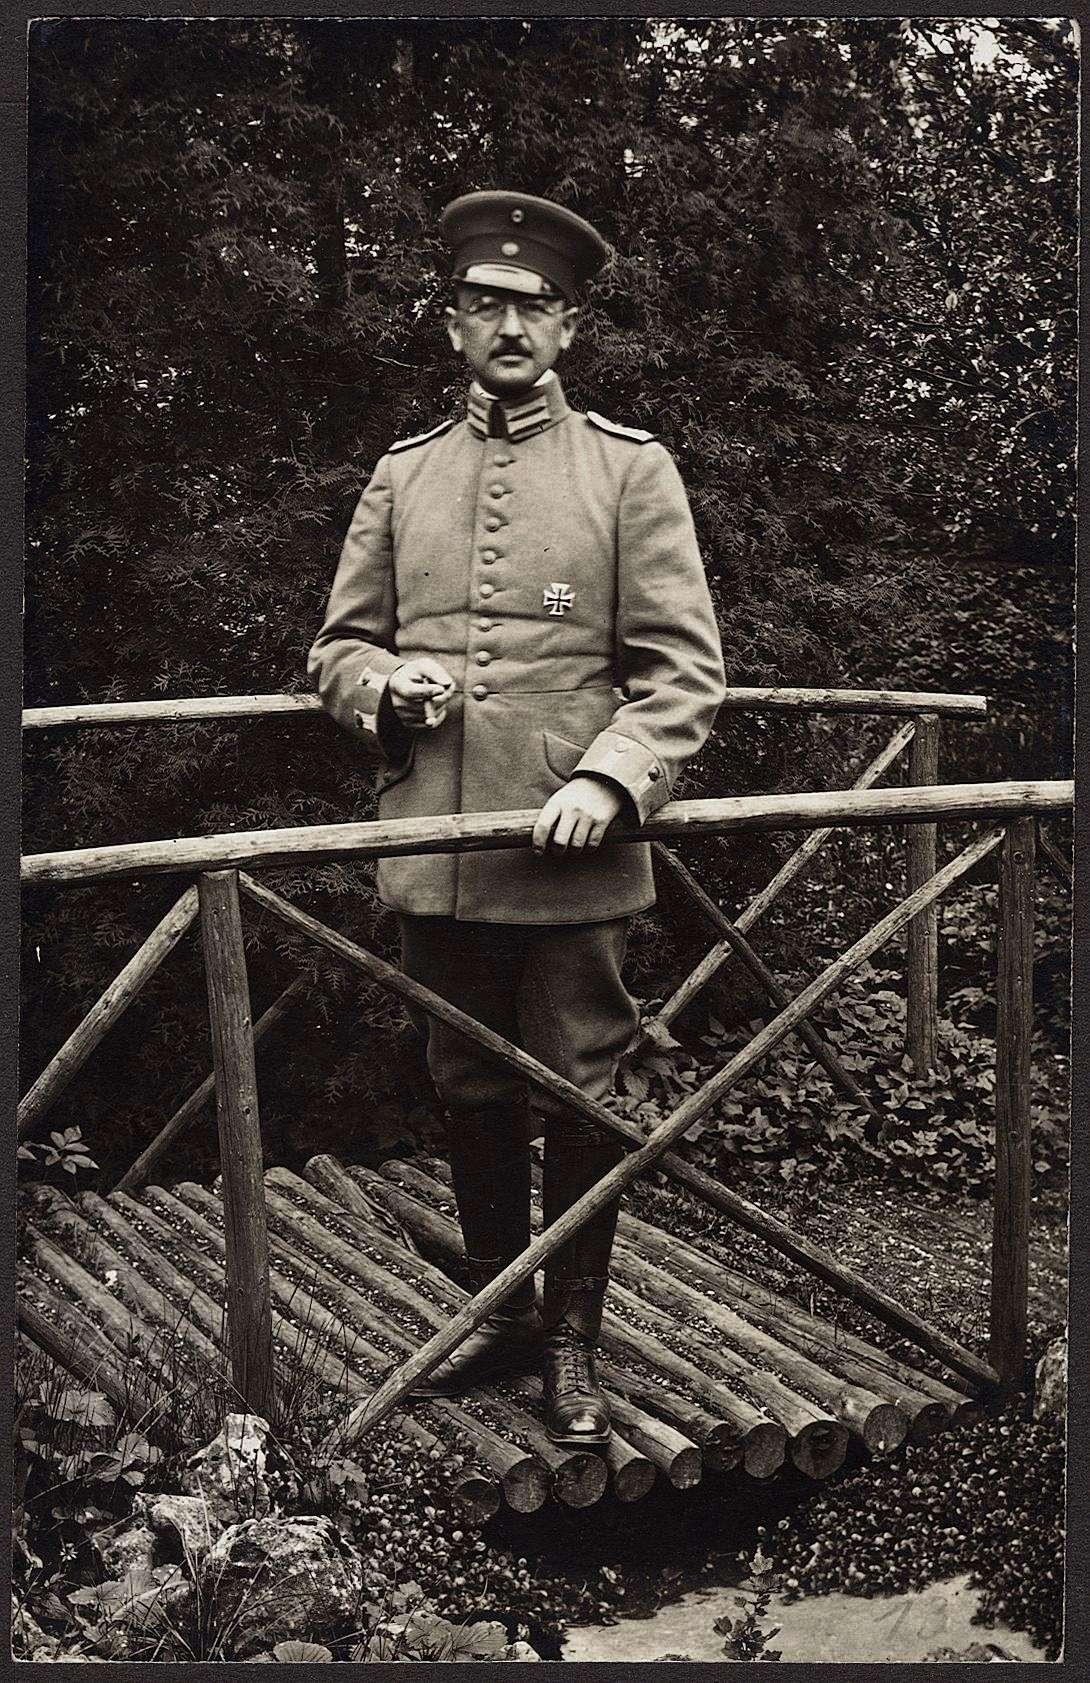 Eisele, Hermann, Dr., Bild 1